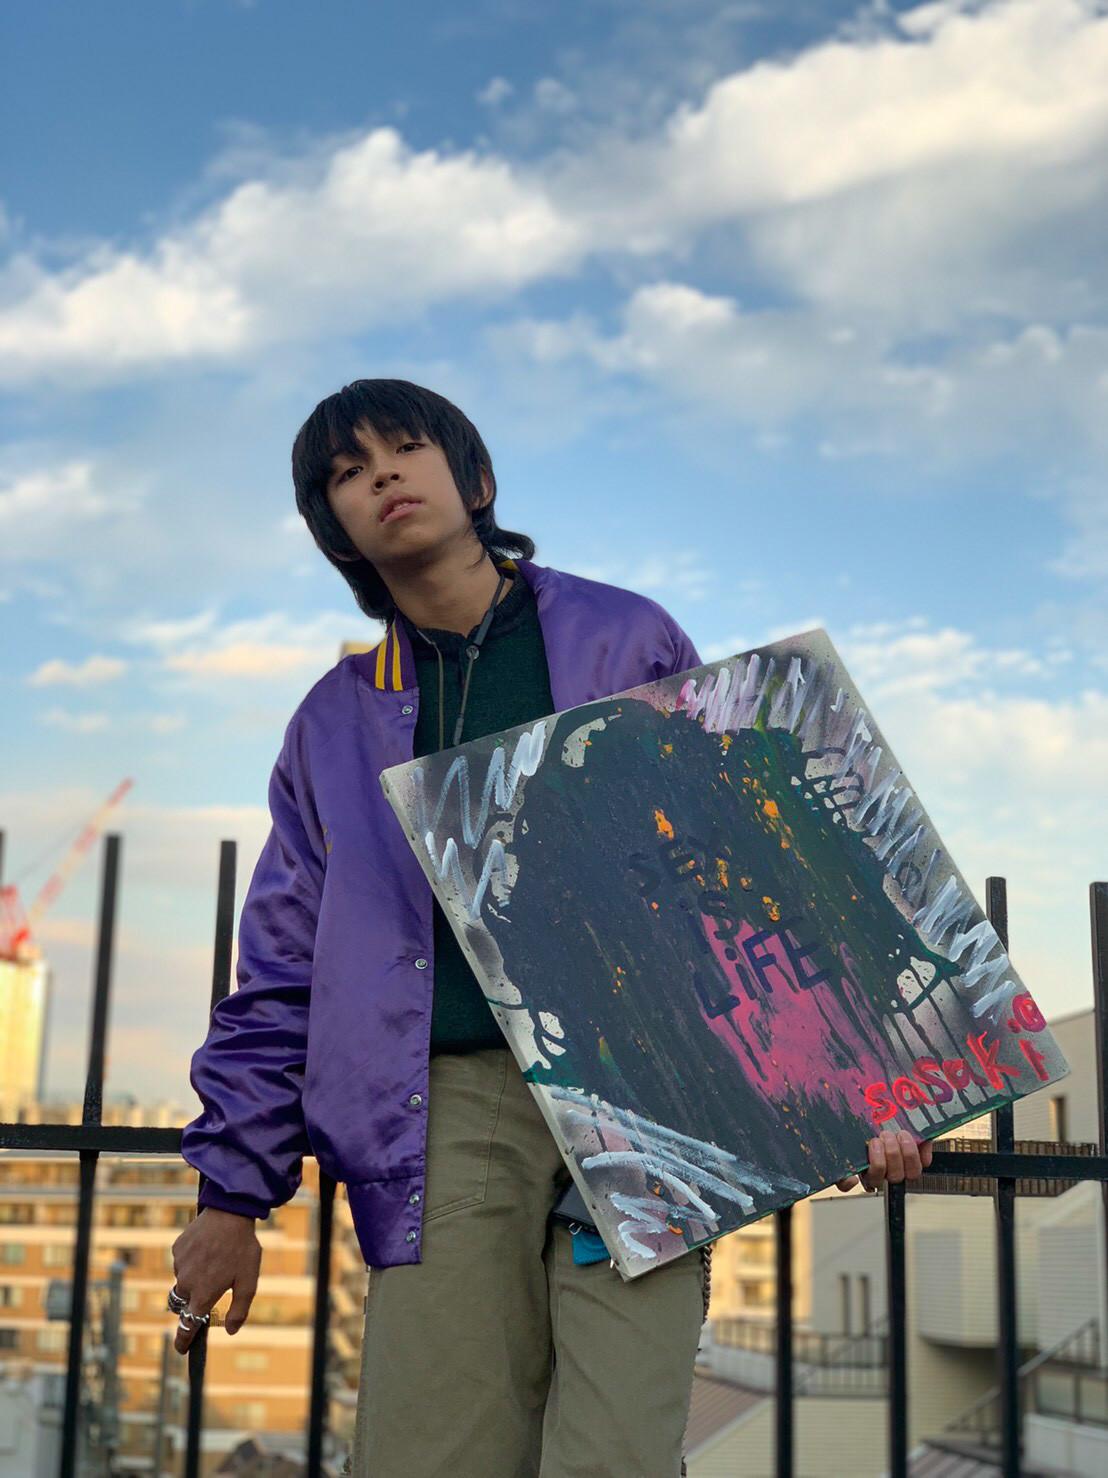 15歳のファッションアイコンYOSHIが芸能活動本格化、STARBASEと契約